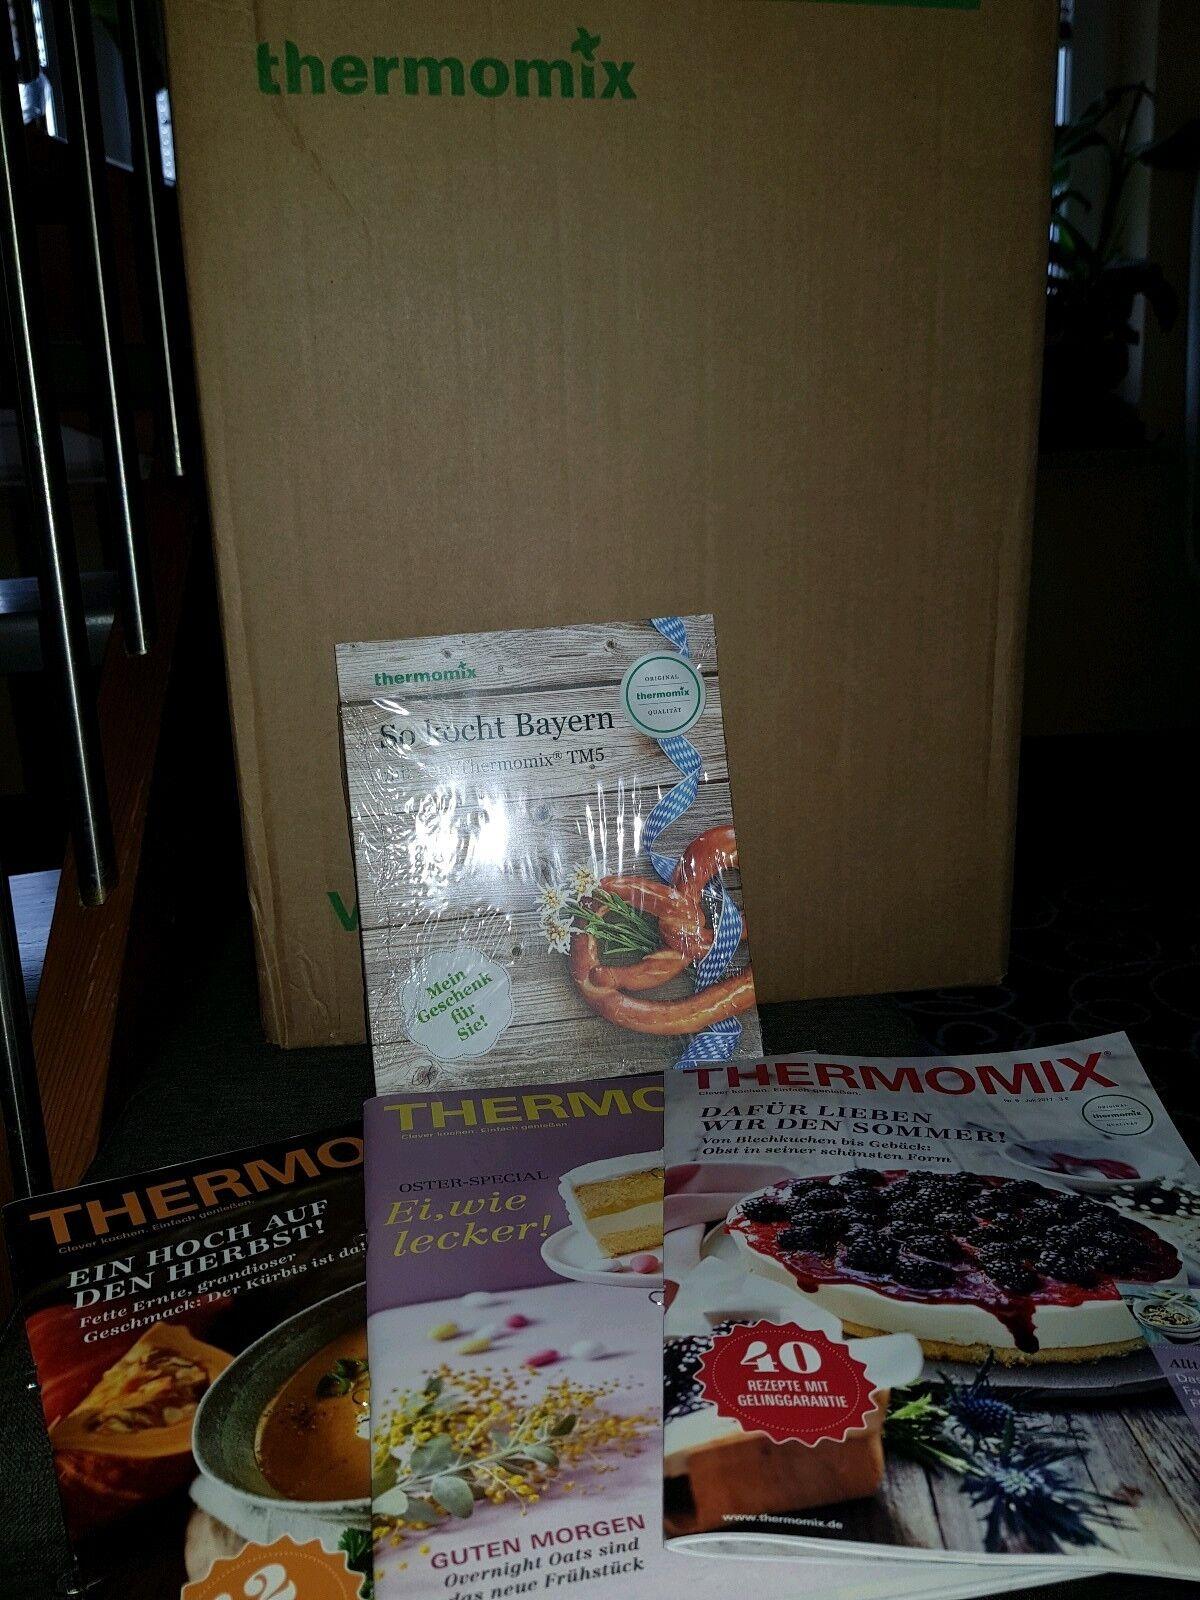 Thermomix TM5 Original NEU OVP mit Zubehör, Cook-Key, Kochbuch und Rechnung